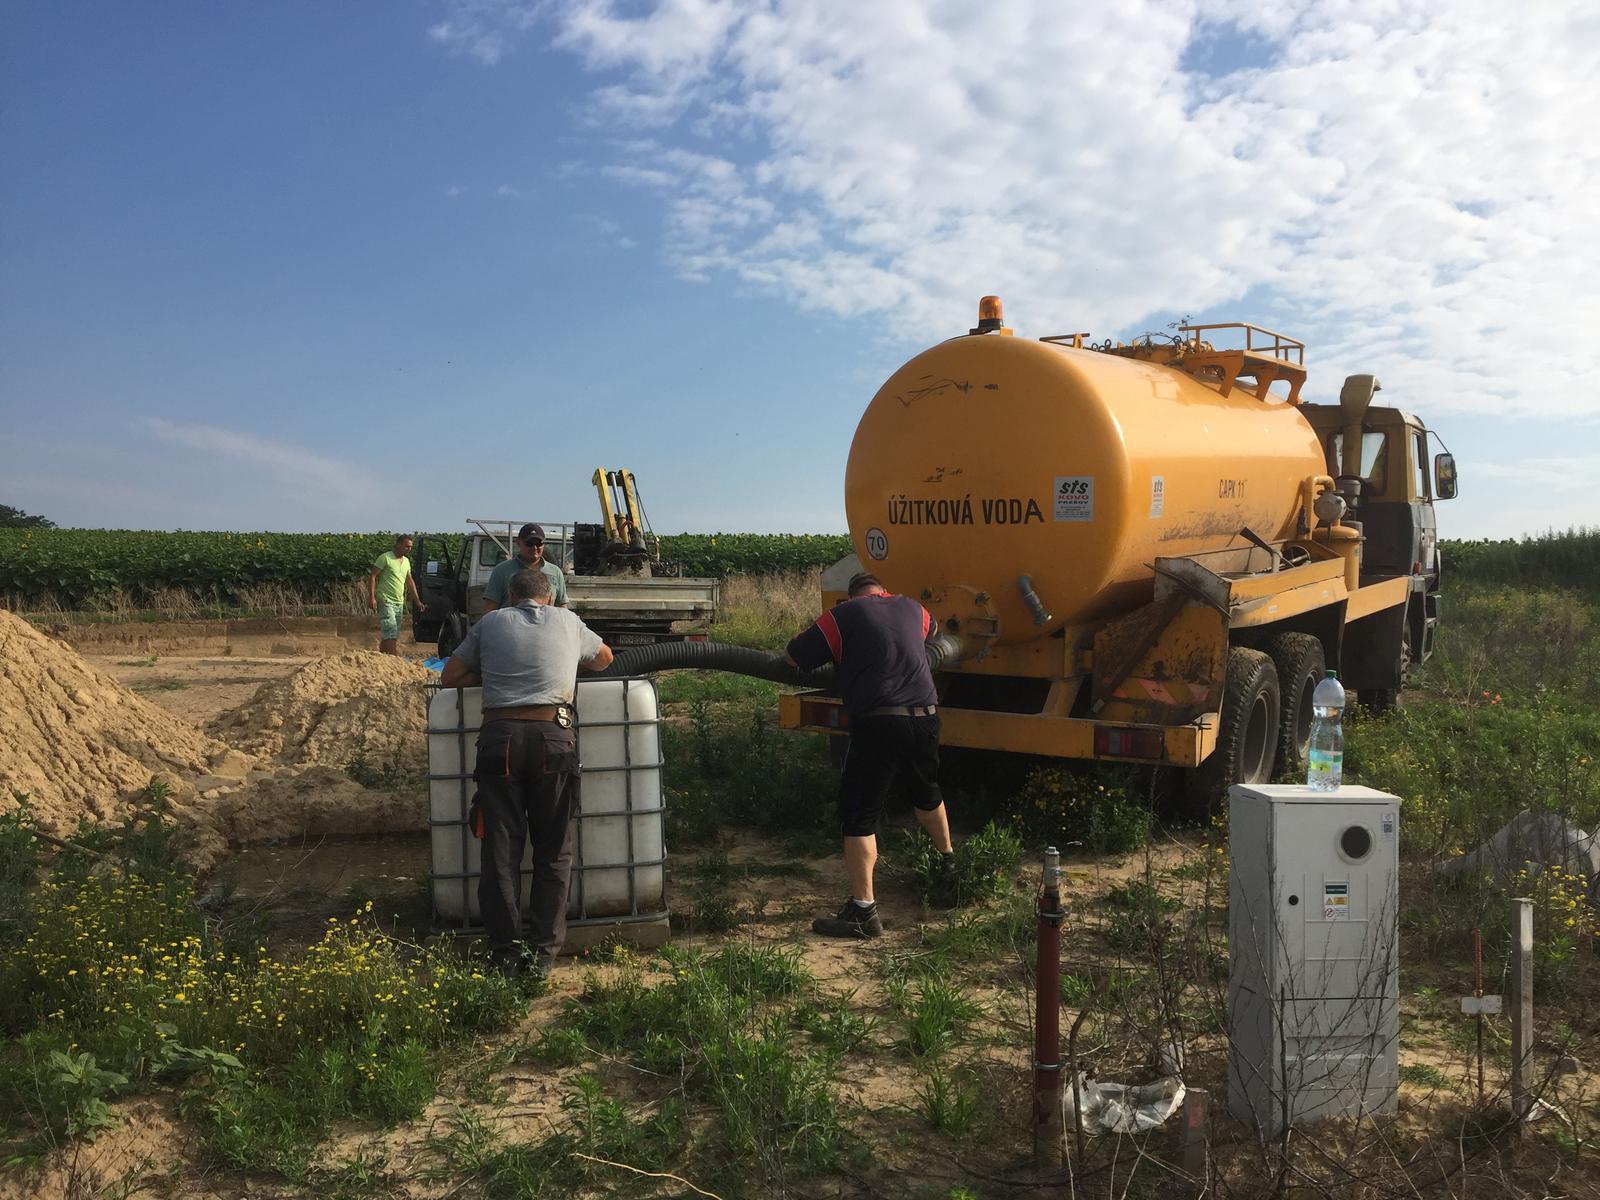 Srnka v Hájiku - Dopustame vodu do externej nadoby (preistotu). Celkovo dovezenych 10m3